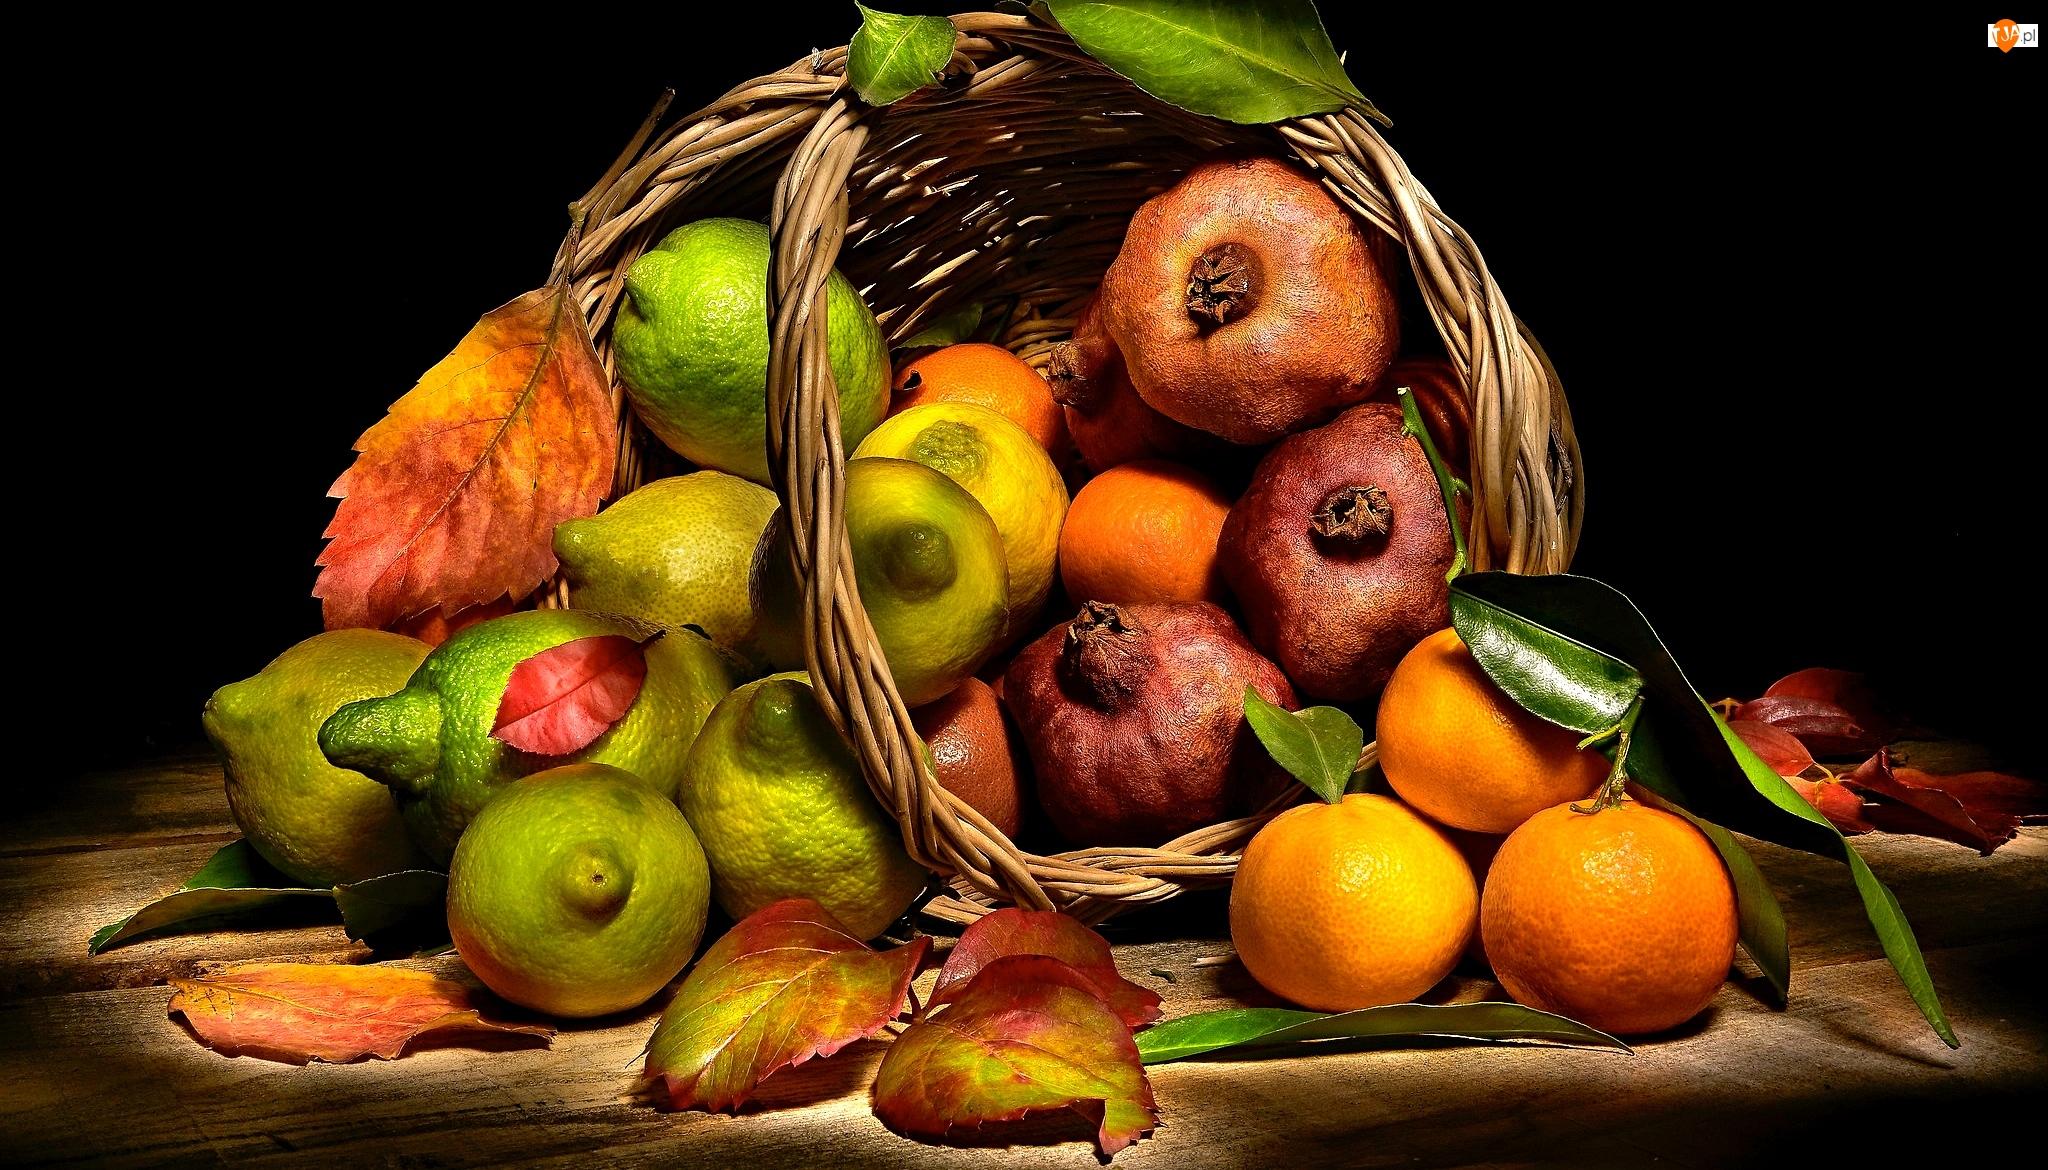 Koszyk, Owoce, Granaty, Liście, Cytryny, Mandarynki